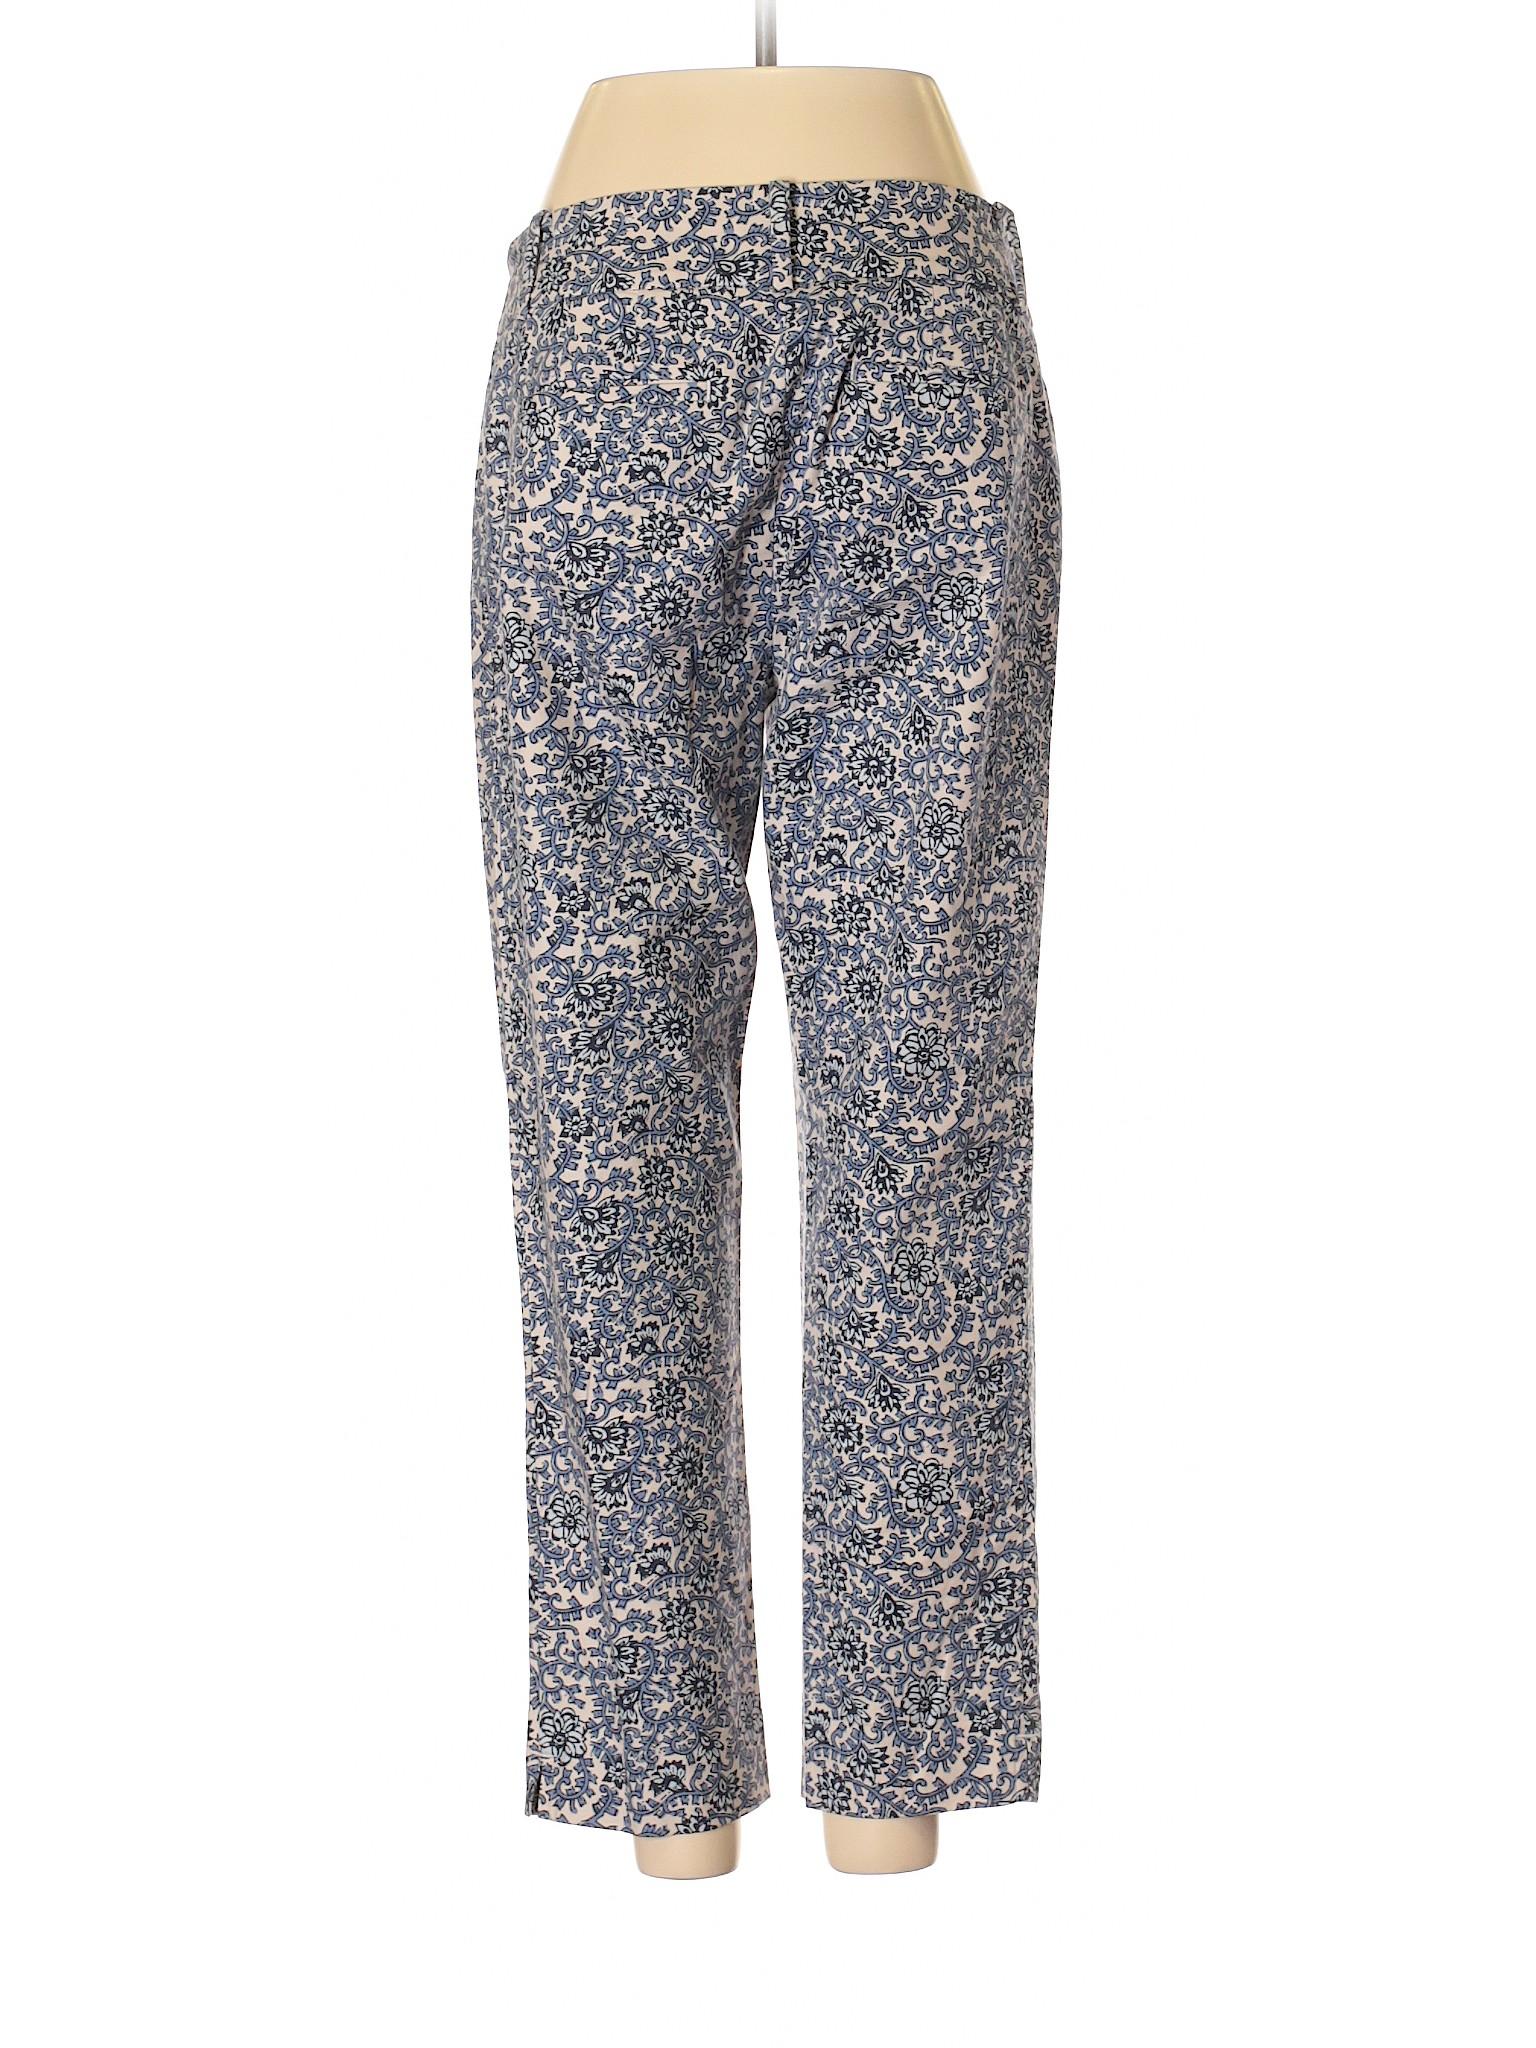 Dress LOFT Pants Taylor Ann winter Boutique wqgxFBIAIt